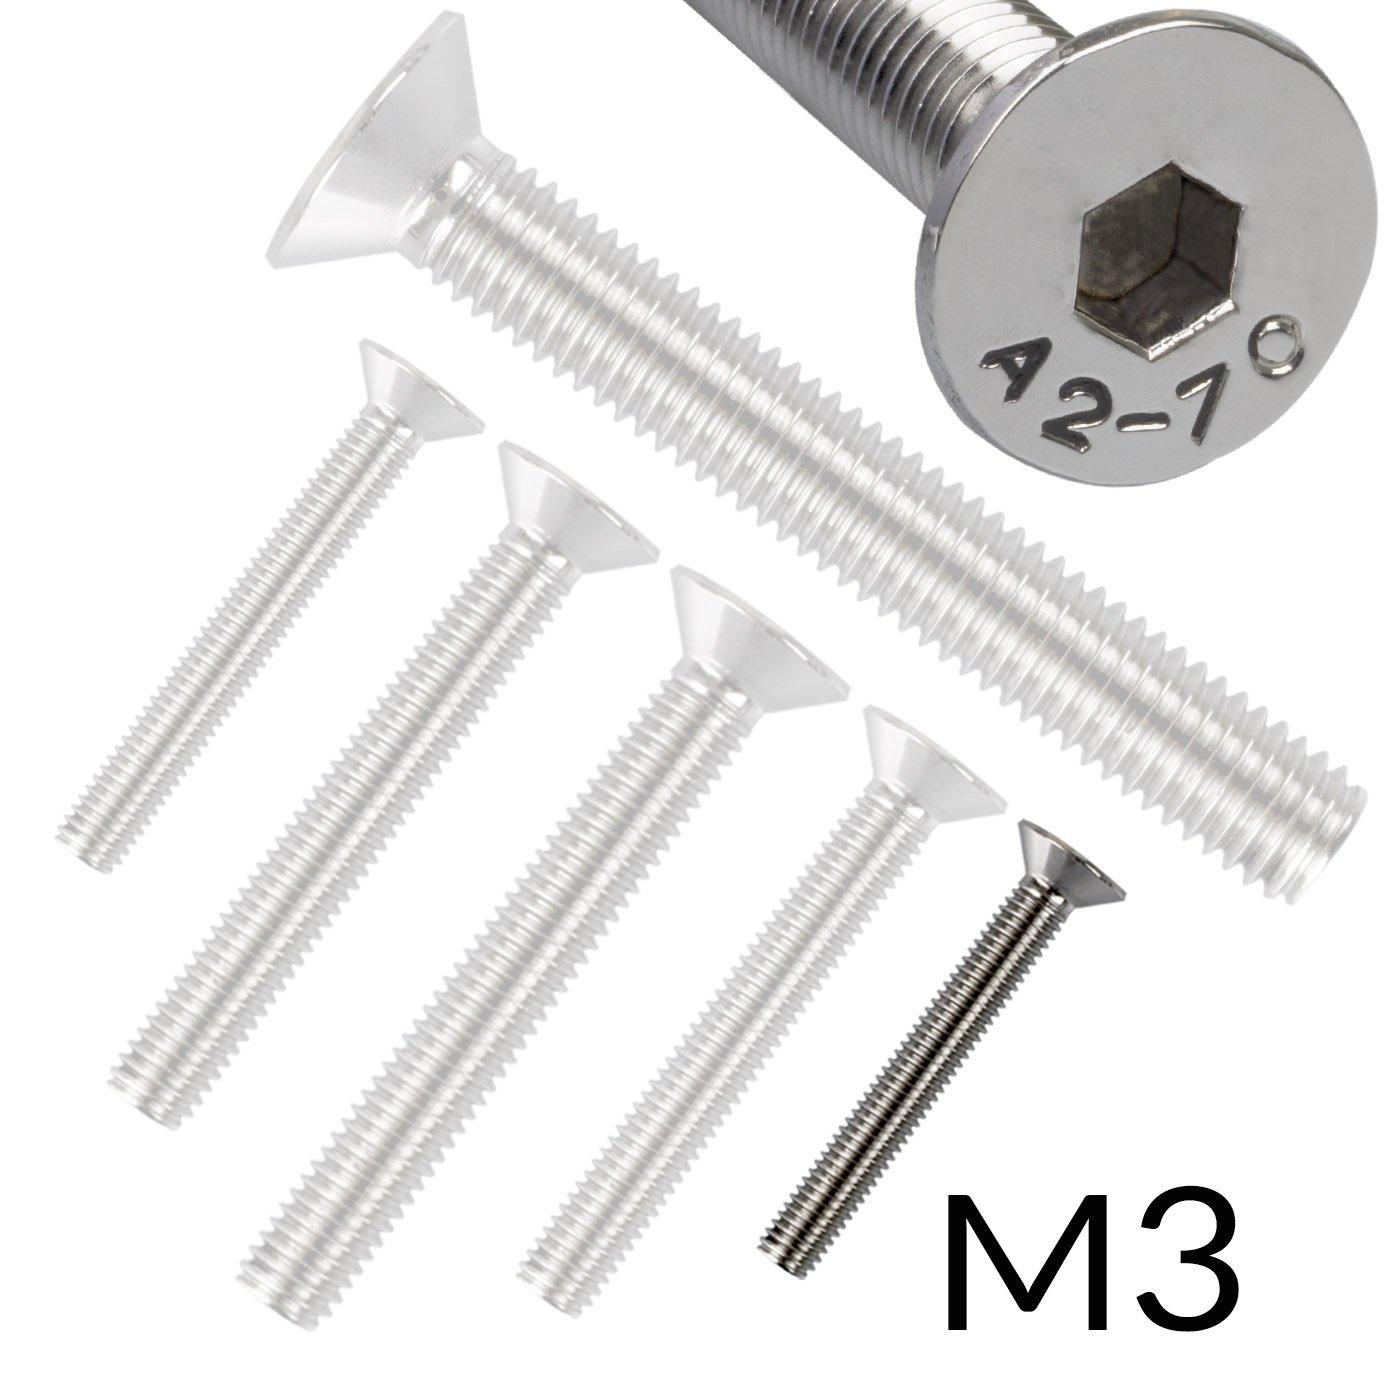 10 Senkkopfschrauben mit Innensechskant Edelstahl M 10 x 50 mm Vollgewindeschrauben Schrauben DIN 7991 A2